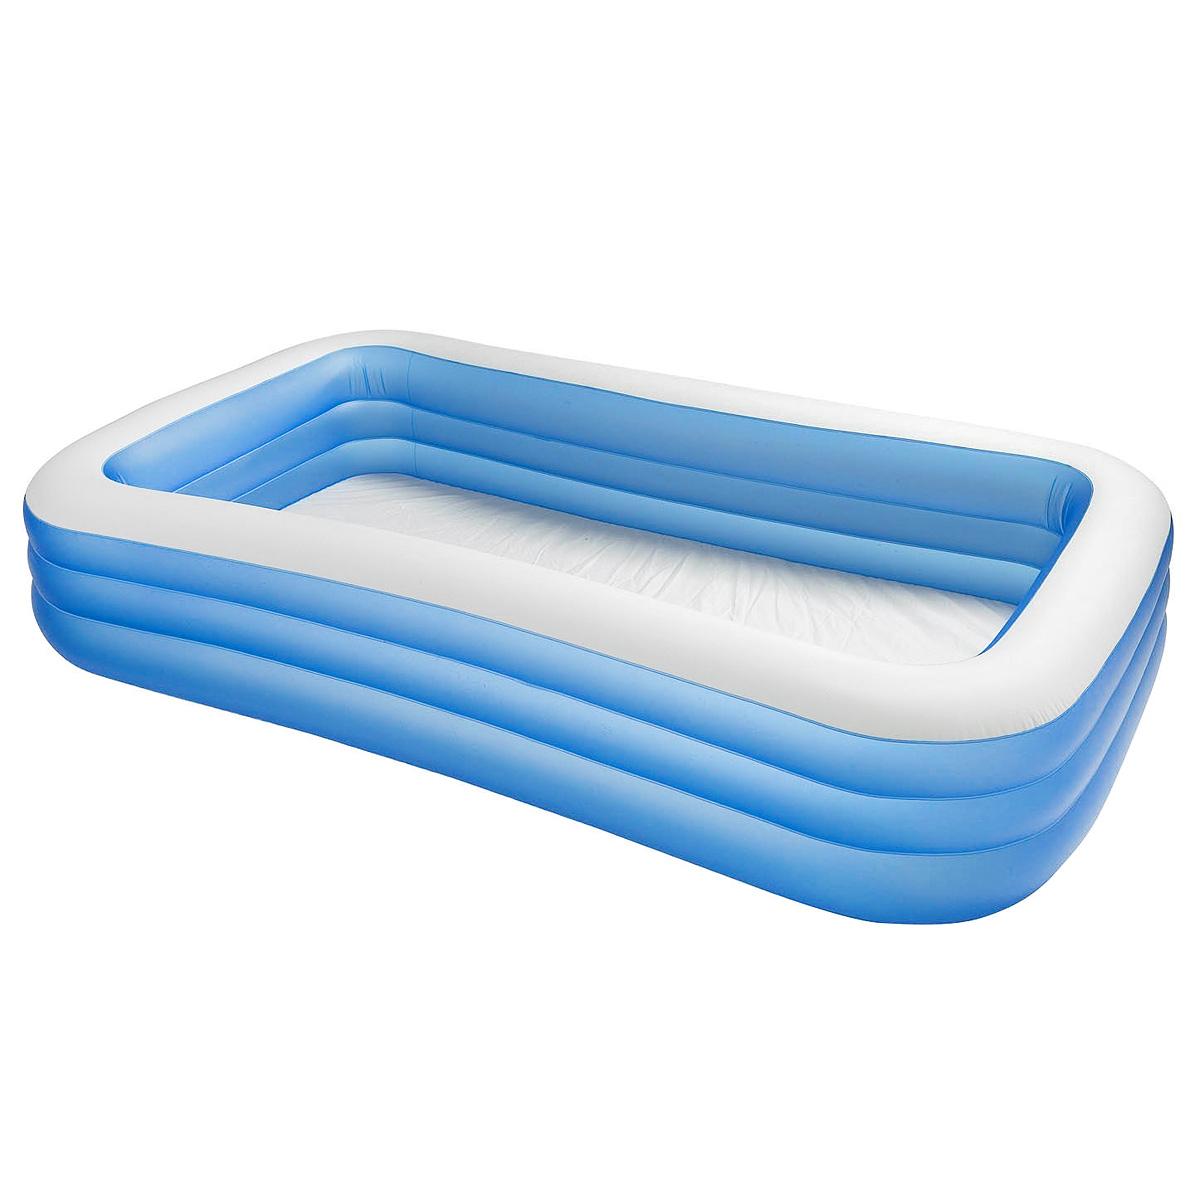 Бассейн надувной Intex Swim Center, цвет: голубой 305 см х 183 см х 56 смint58484NP_голубойНадувной бассейн Intex Swim Center просто незаменим в летний жаркий день дома или на даче. Он прямоугольной формы, выполнен из прочного винила белого и голубого цветов. Упругие стенки бассейна состоят из трех уровней. Широкие, прочные и упругие раздельные секции с двойными защитными клапанами служат надежными бортиками, на которых при желании можно посидеть или нырнуть с них в воду. В бассейне могут купаться несколько детей и взрослых одновременно. Яркий дизайн бассейна сделает его не только незаменимым атрибутом летнего отдыха, но и дополнением ландшафтного дизайна участка. В комплект с бассейном входит специальная заплатка для ремонта изделия в случае прокола. Гарантия производителя: 30 дней.